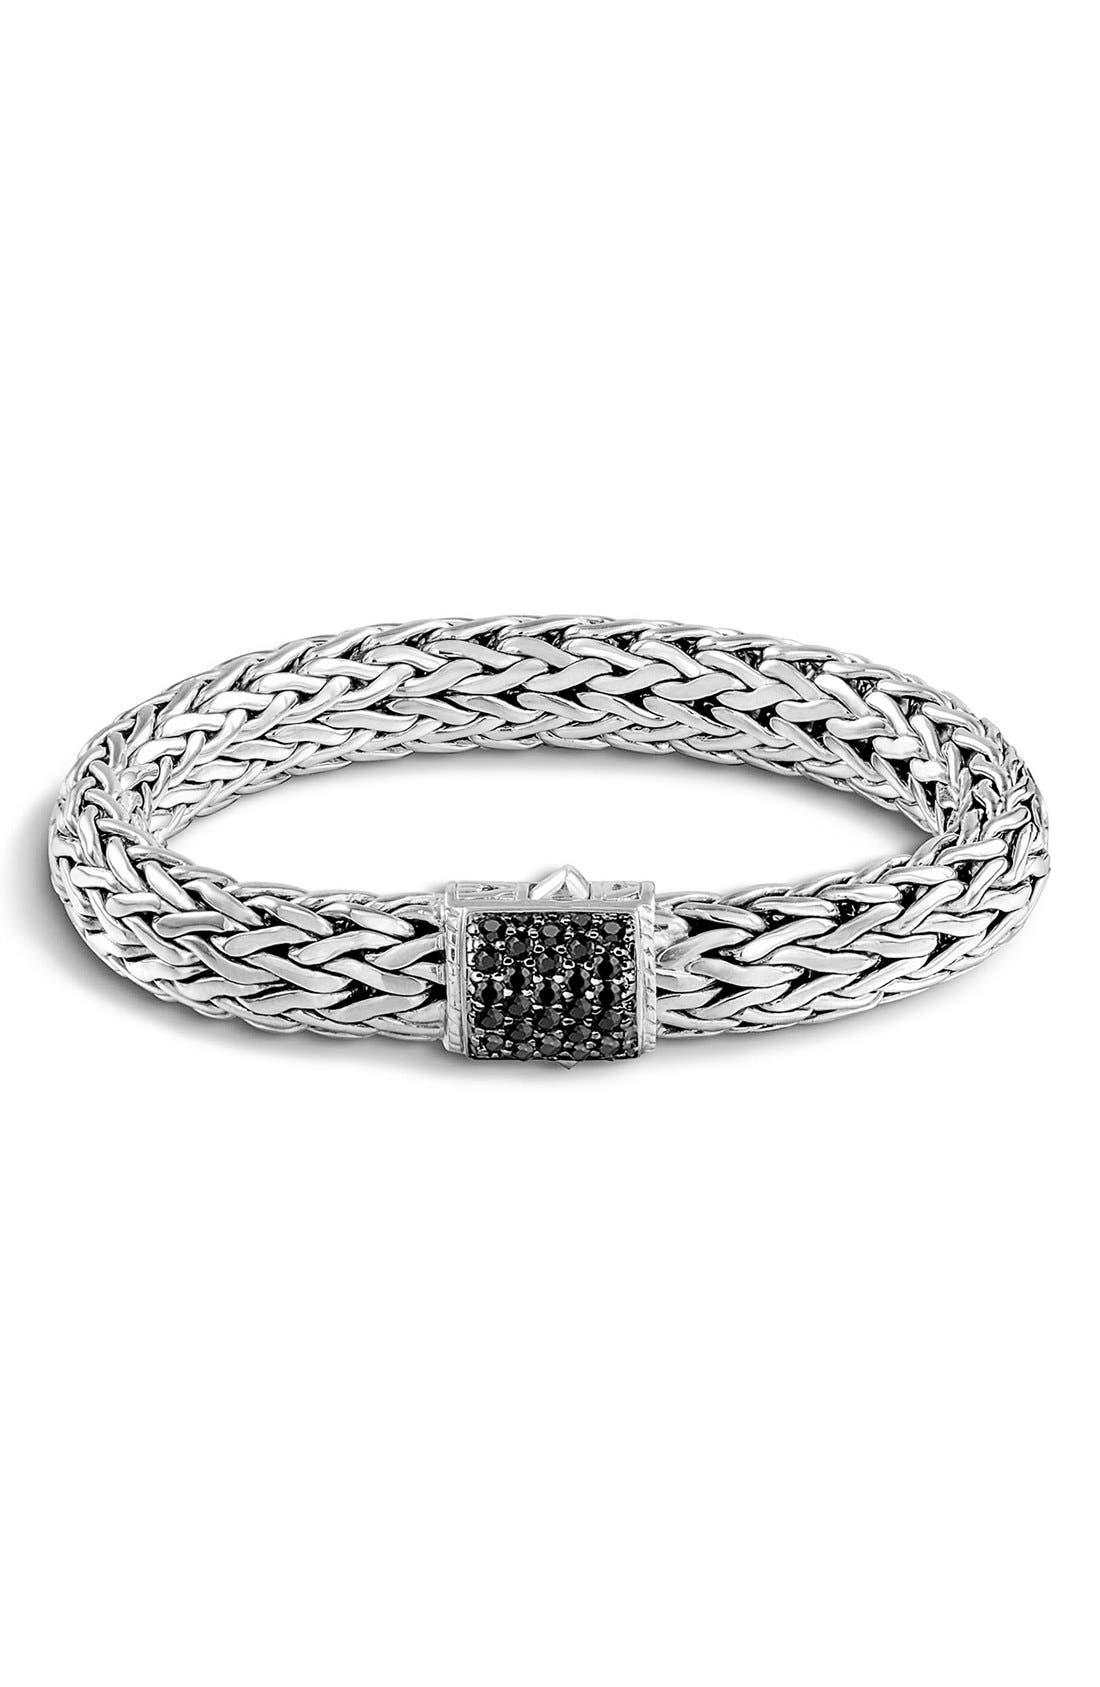 'Classic Chain' Large Bracelet,                             Main thumbnail 1, color,                             Silver/ Black Sapphire